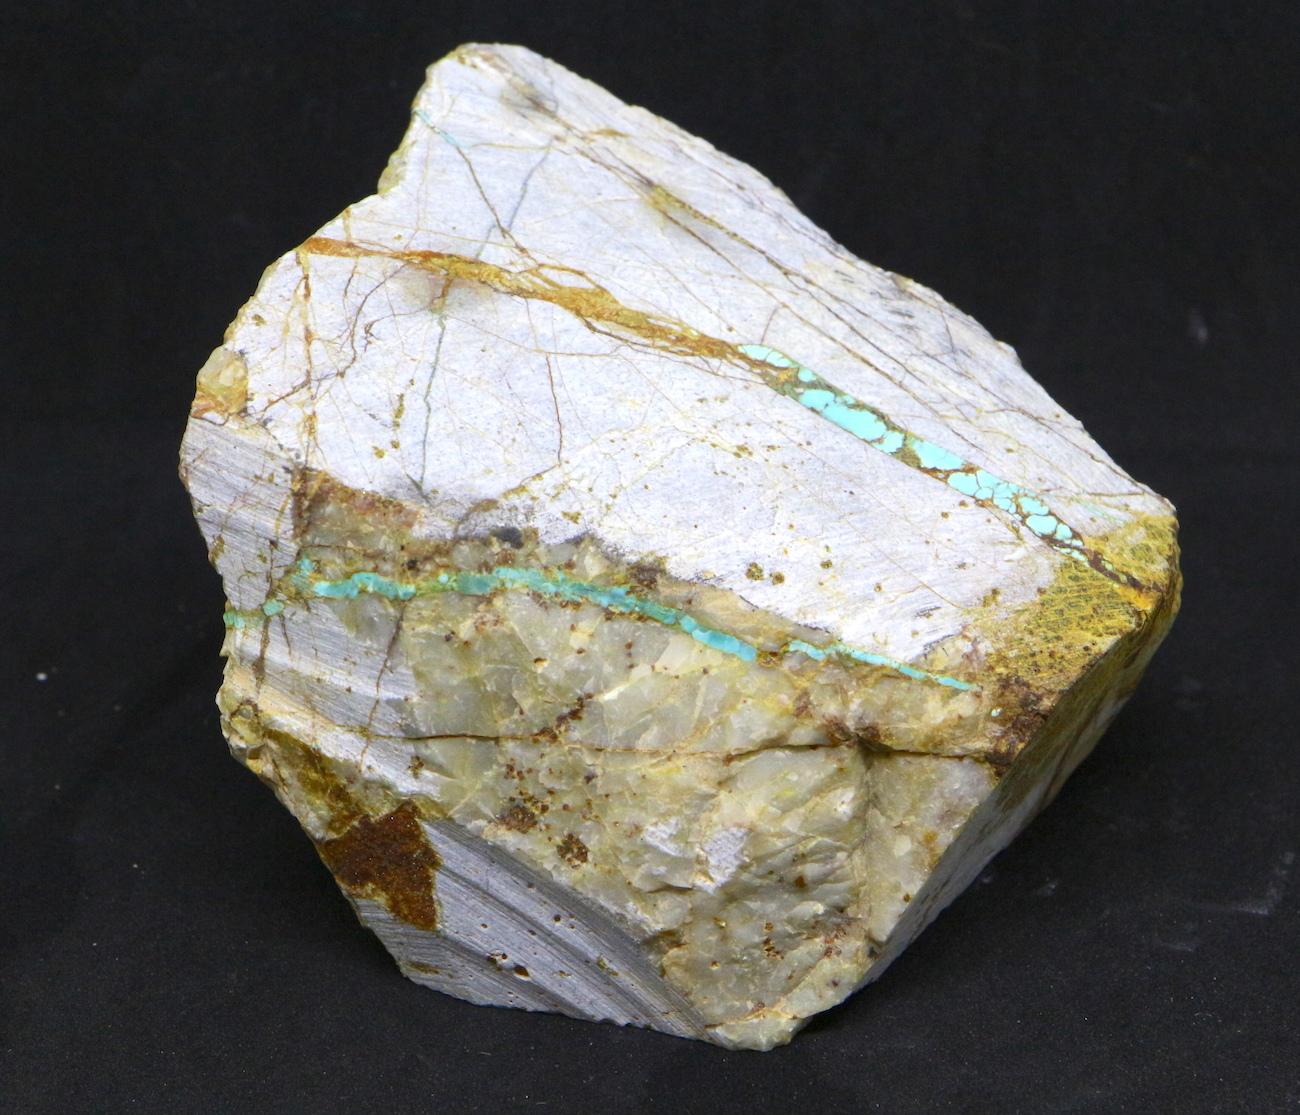 ロイストーンターコイズ Turquoise 原石 ネバタ州産 431,7g TQ122